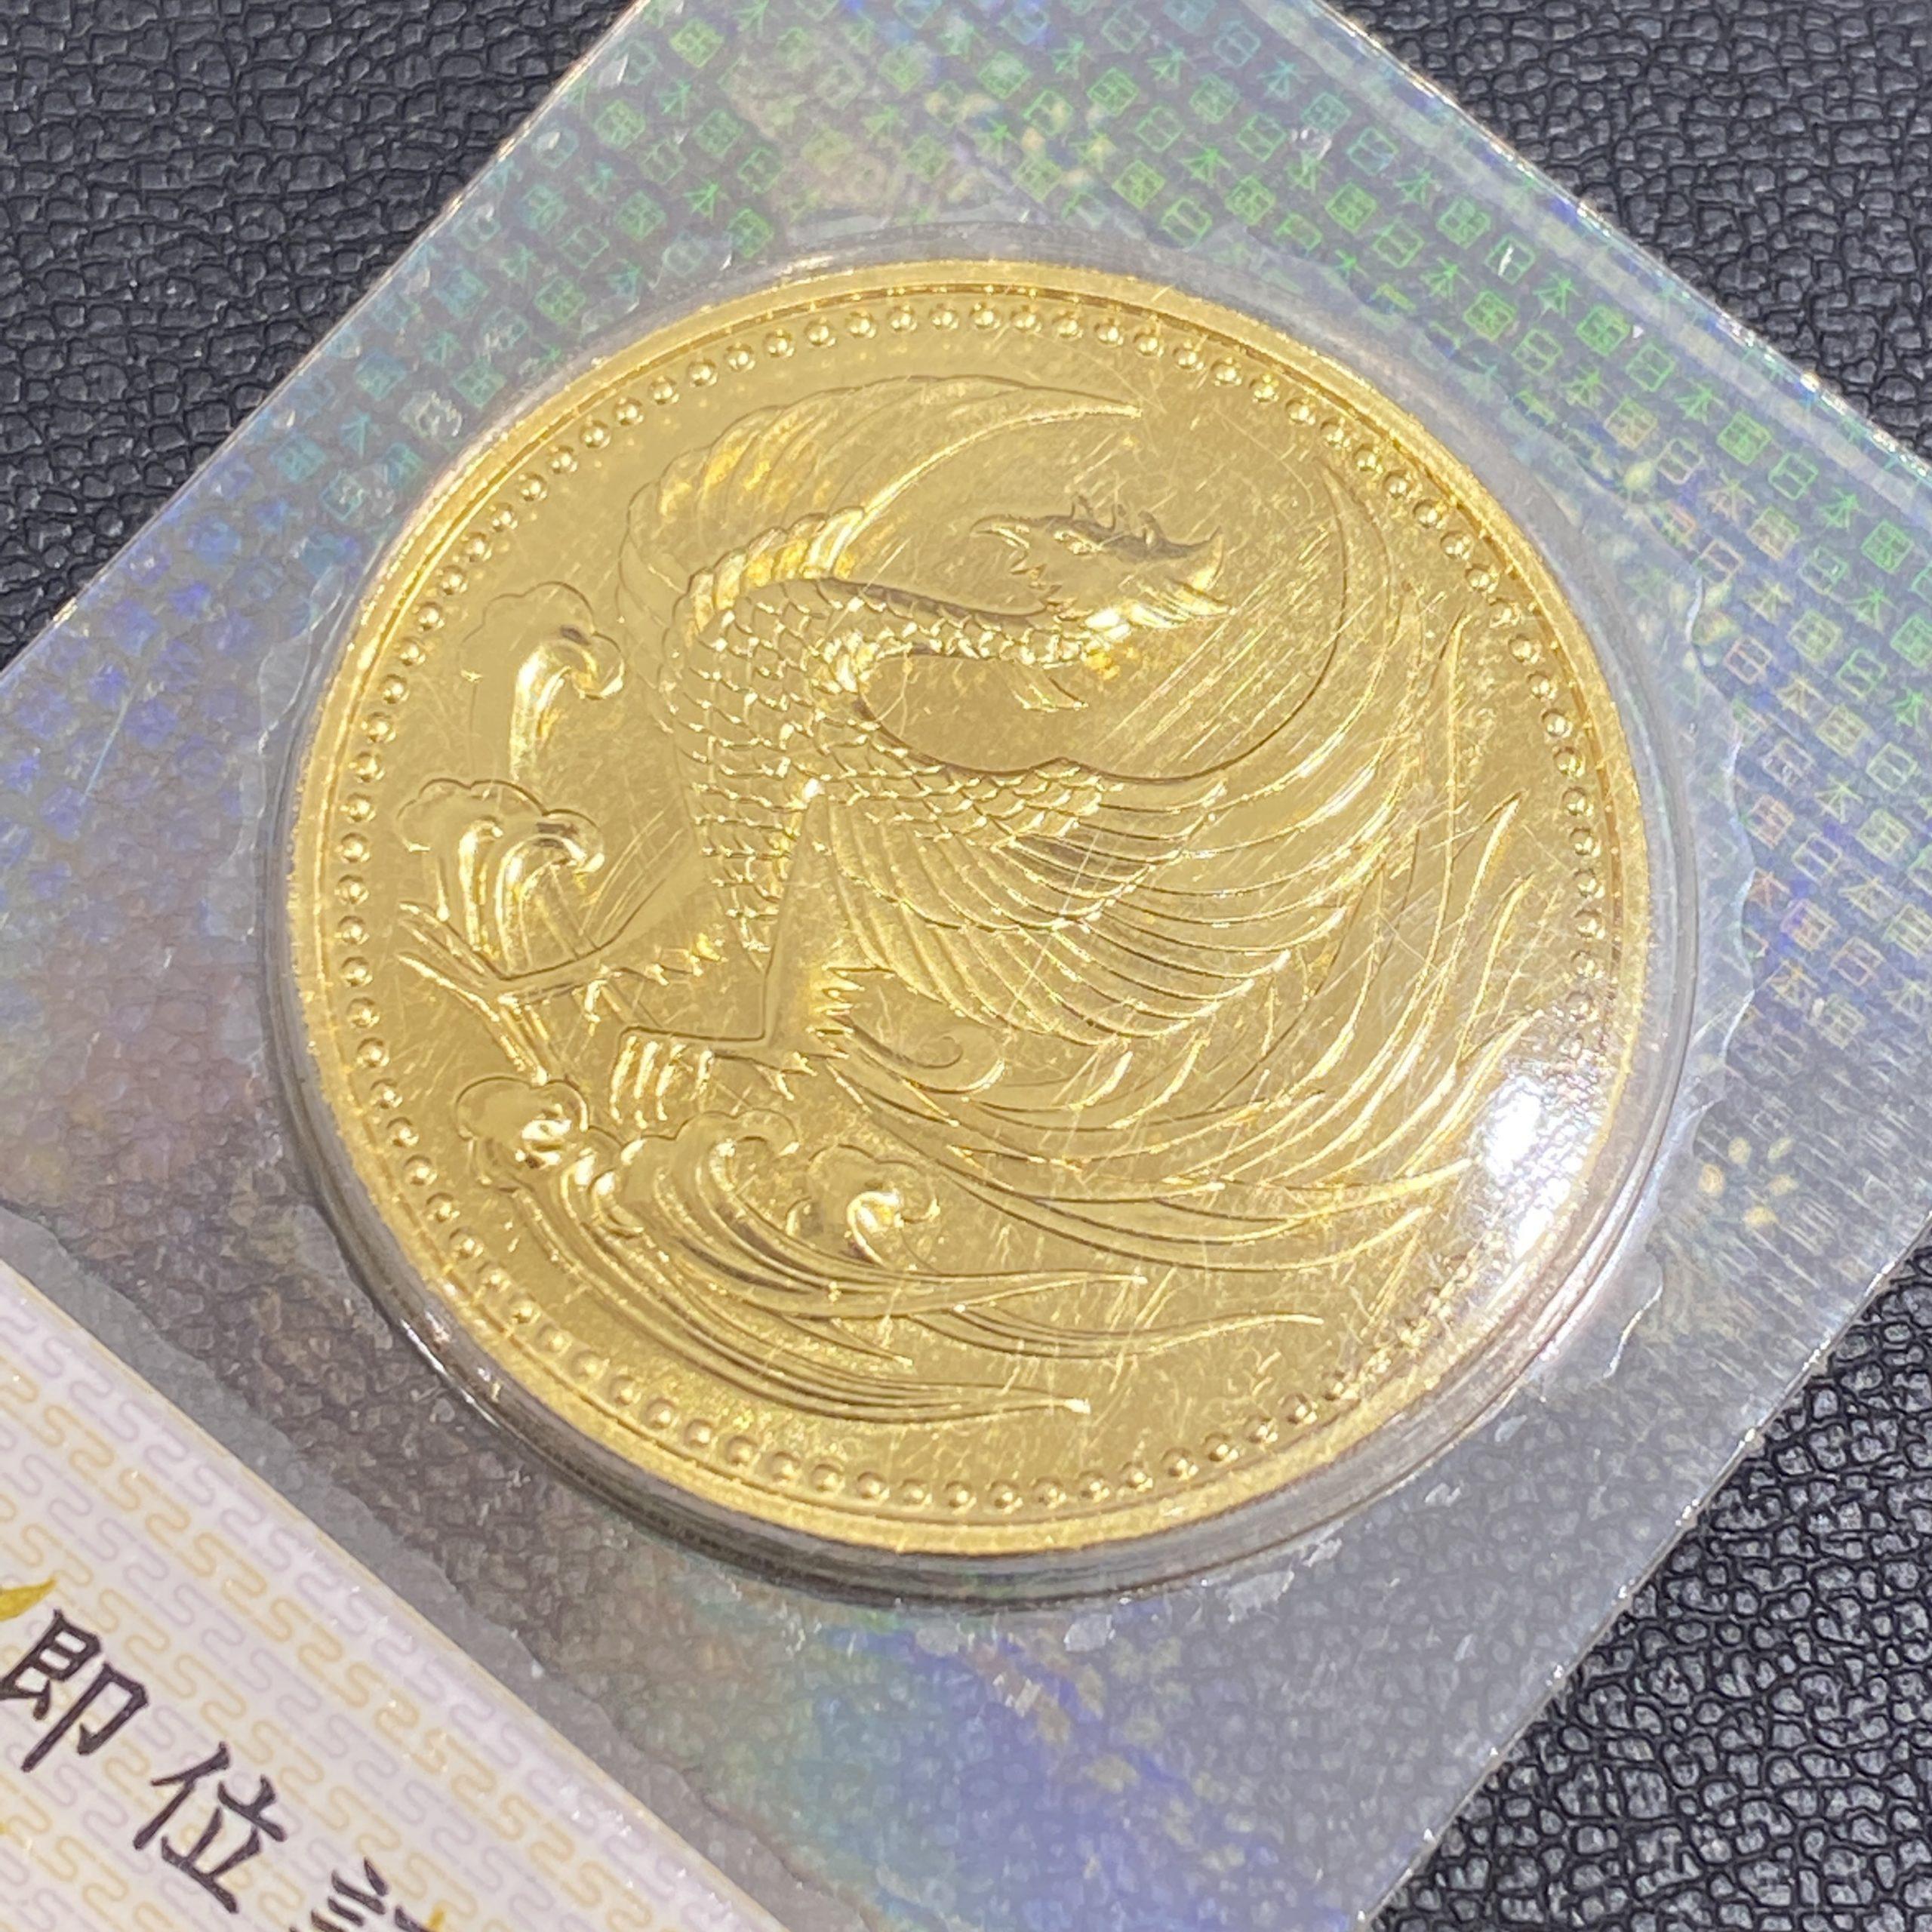 天皇御即位記念 10万円金貨